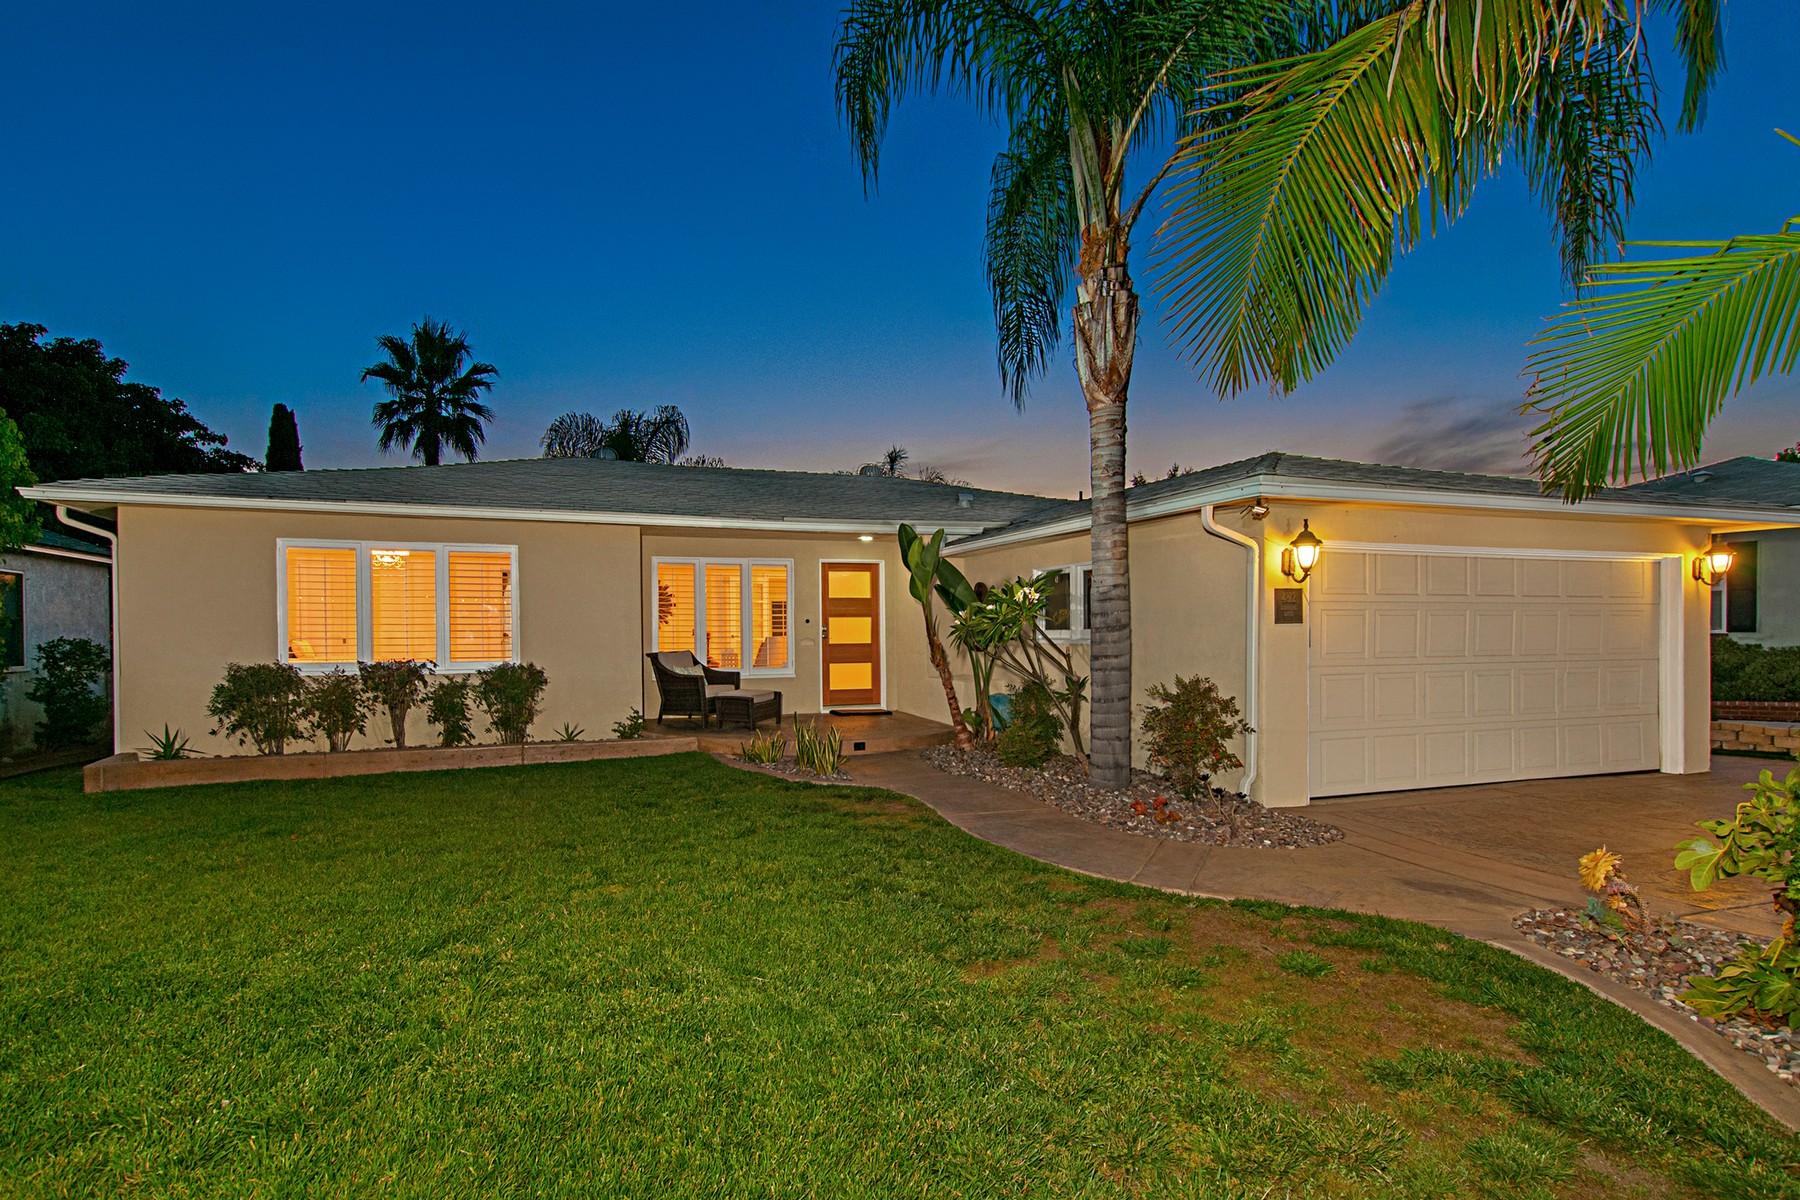 獨棟家庭住宅 為 出售 在 Talmadge 4812 Lorraine Talmadge, San Diego, 加利福尼亞州, 92115 美國